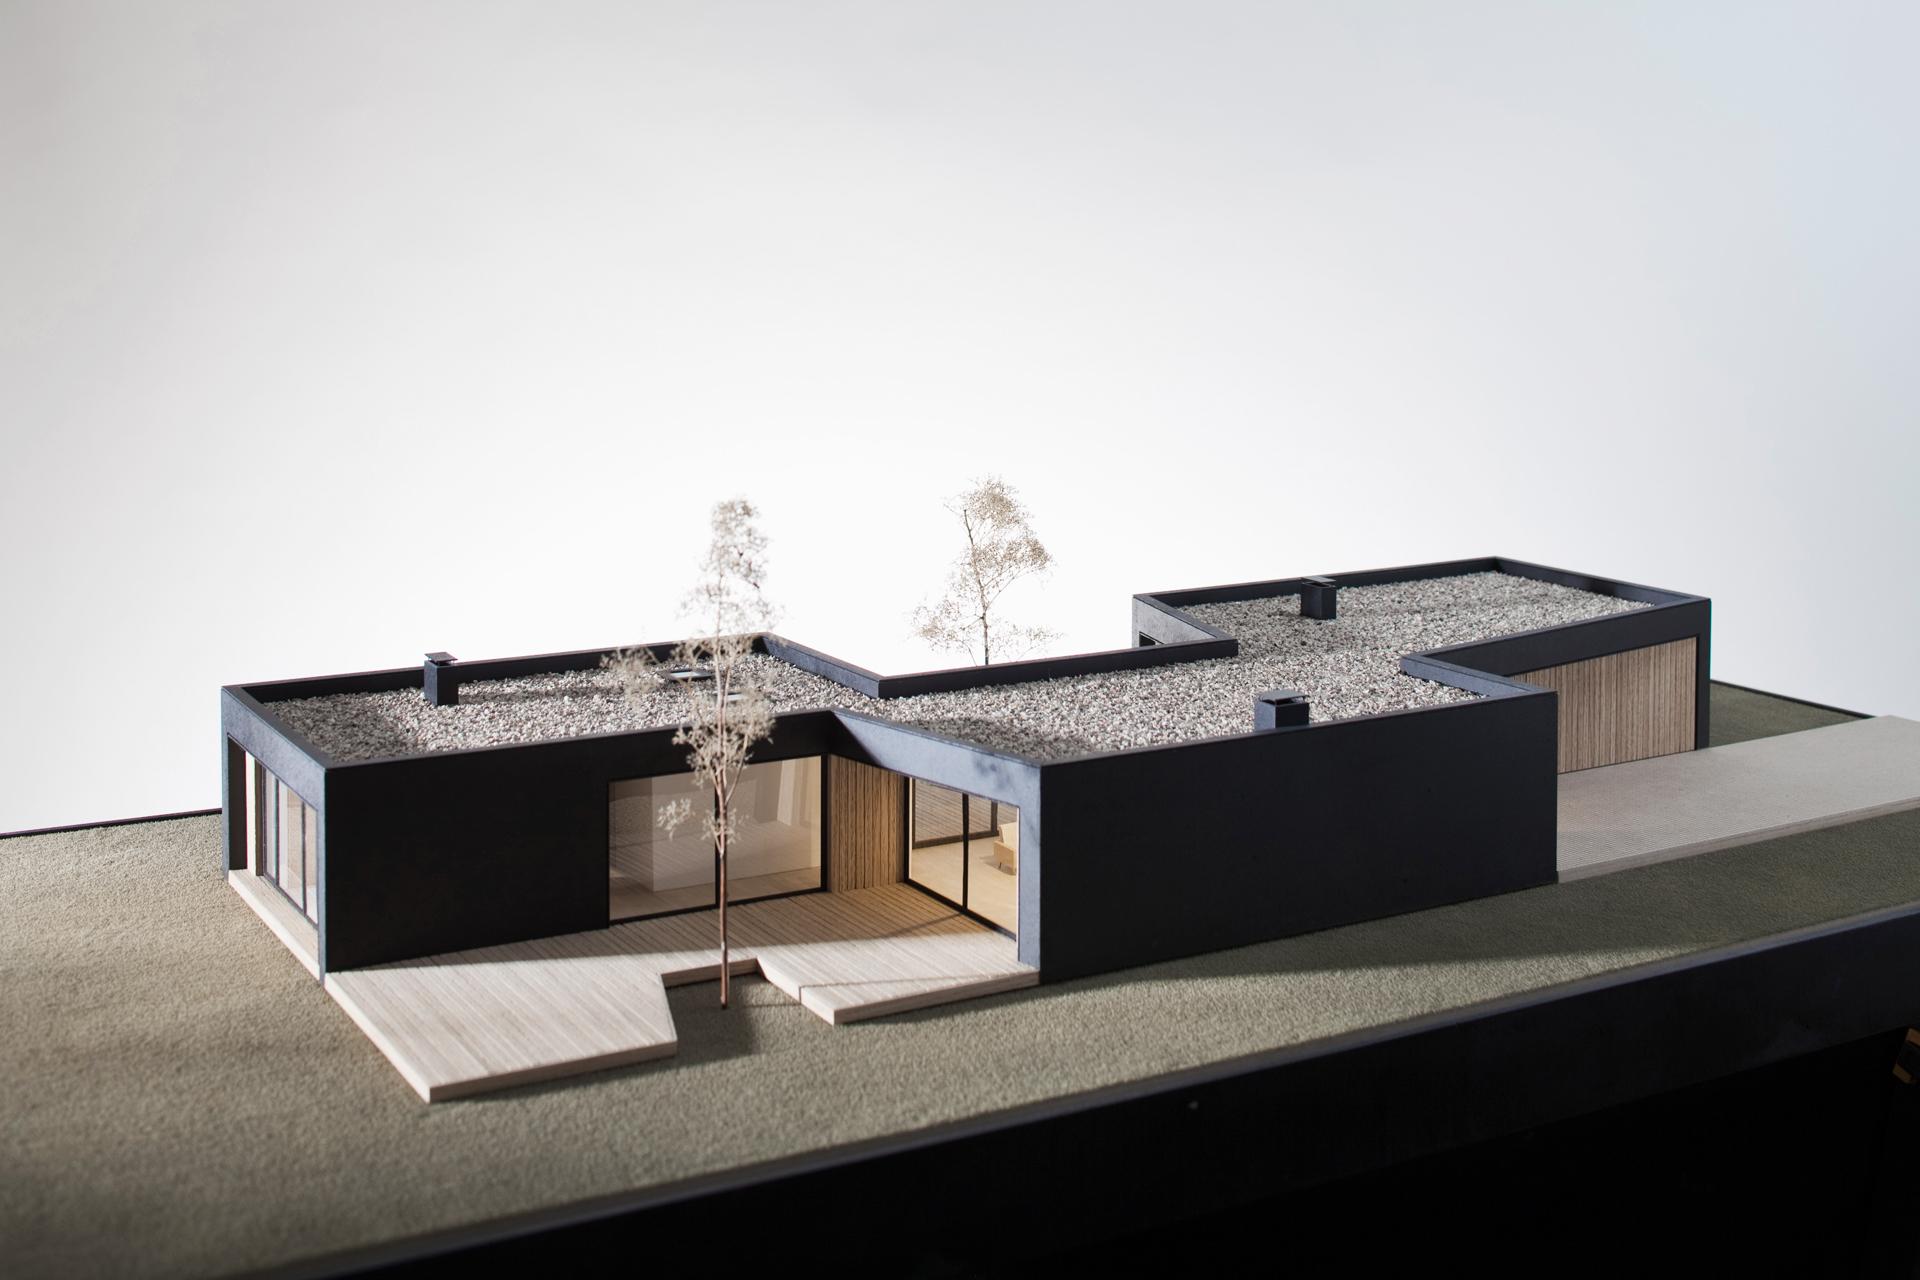 onimo-makiety-architektoniczne-PAG-patio-02